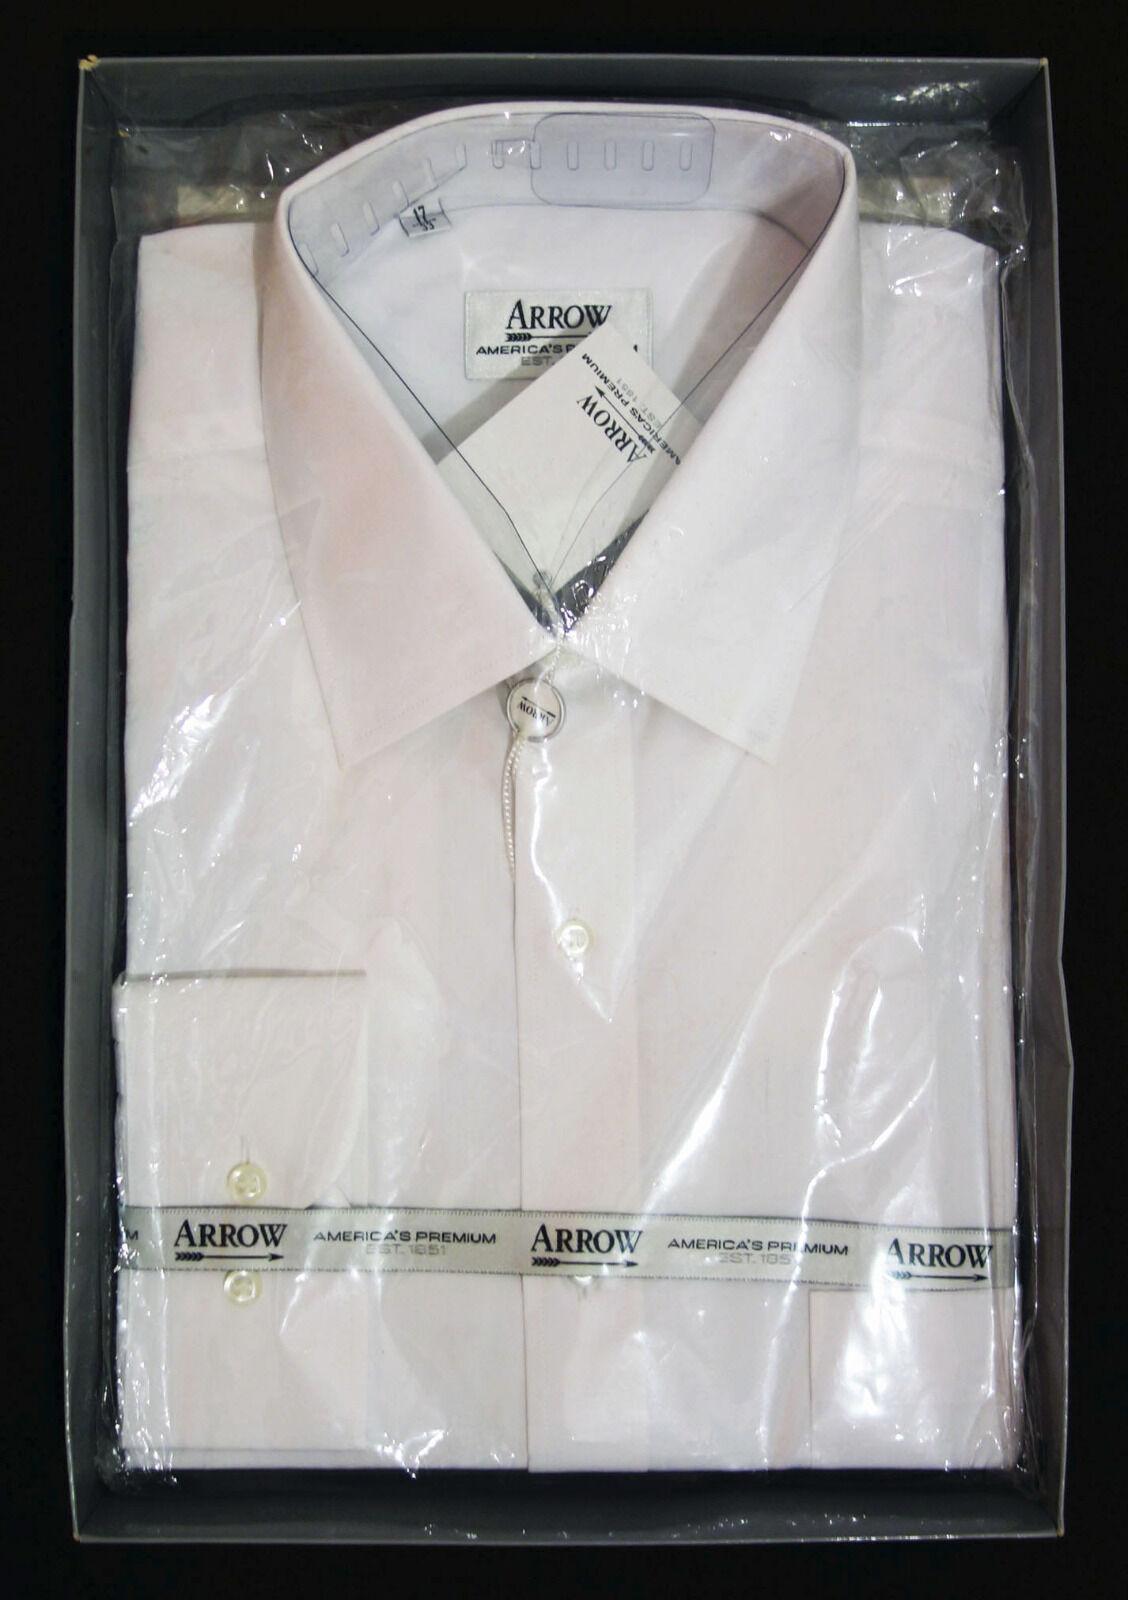 ARROW AMERICAS PREMIUM - BUSINESS HERREN HEMD - WEISS - GRÖSSE XL (43)     | Ästhetisches Aussehen